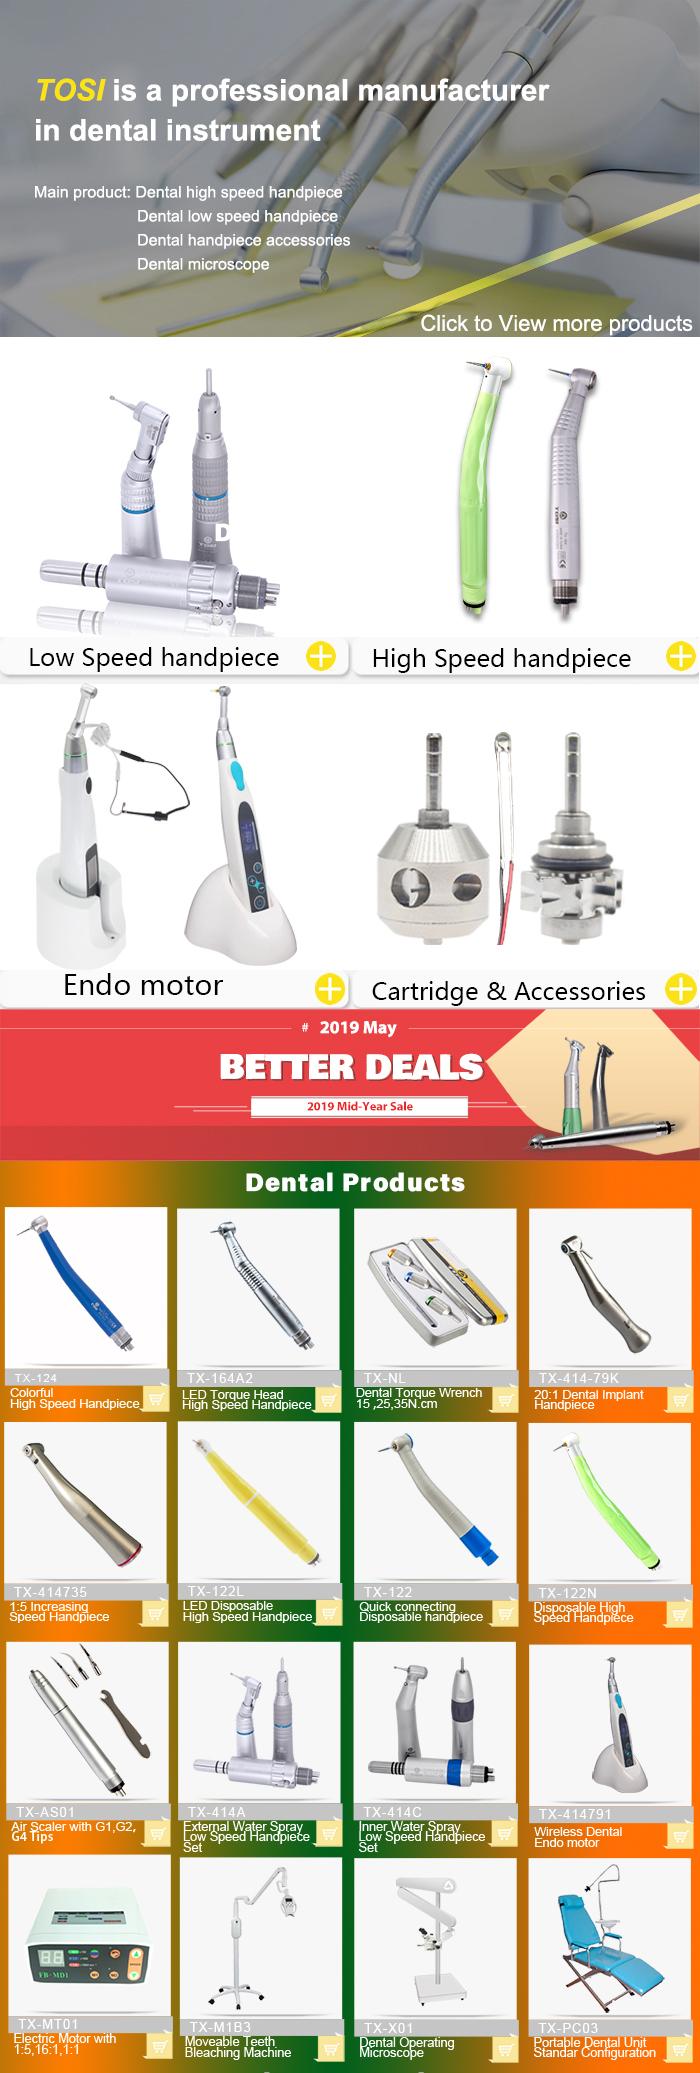 2018 neue Produkte OEM Led-leuchten Zähne Dental Bleaching Maschine Kit